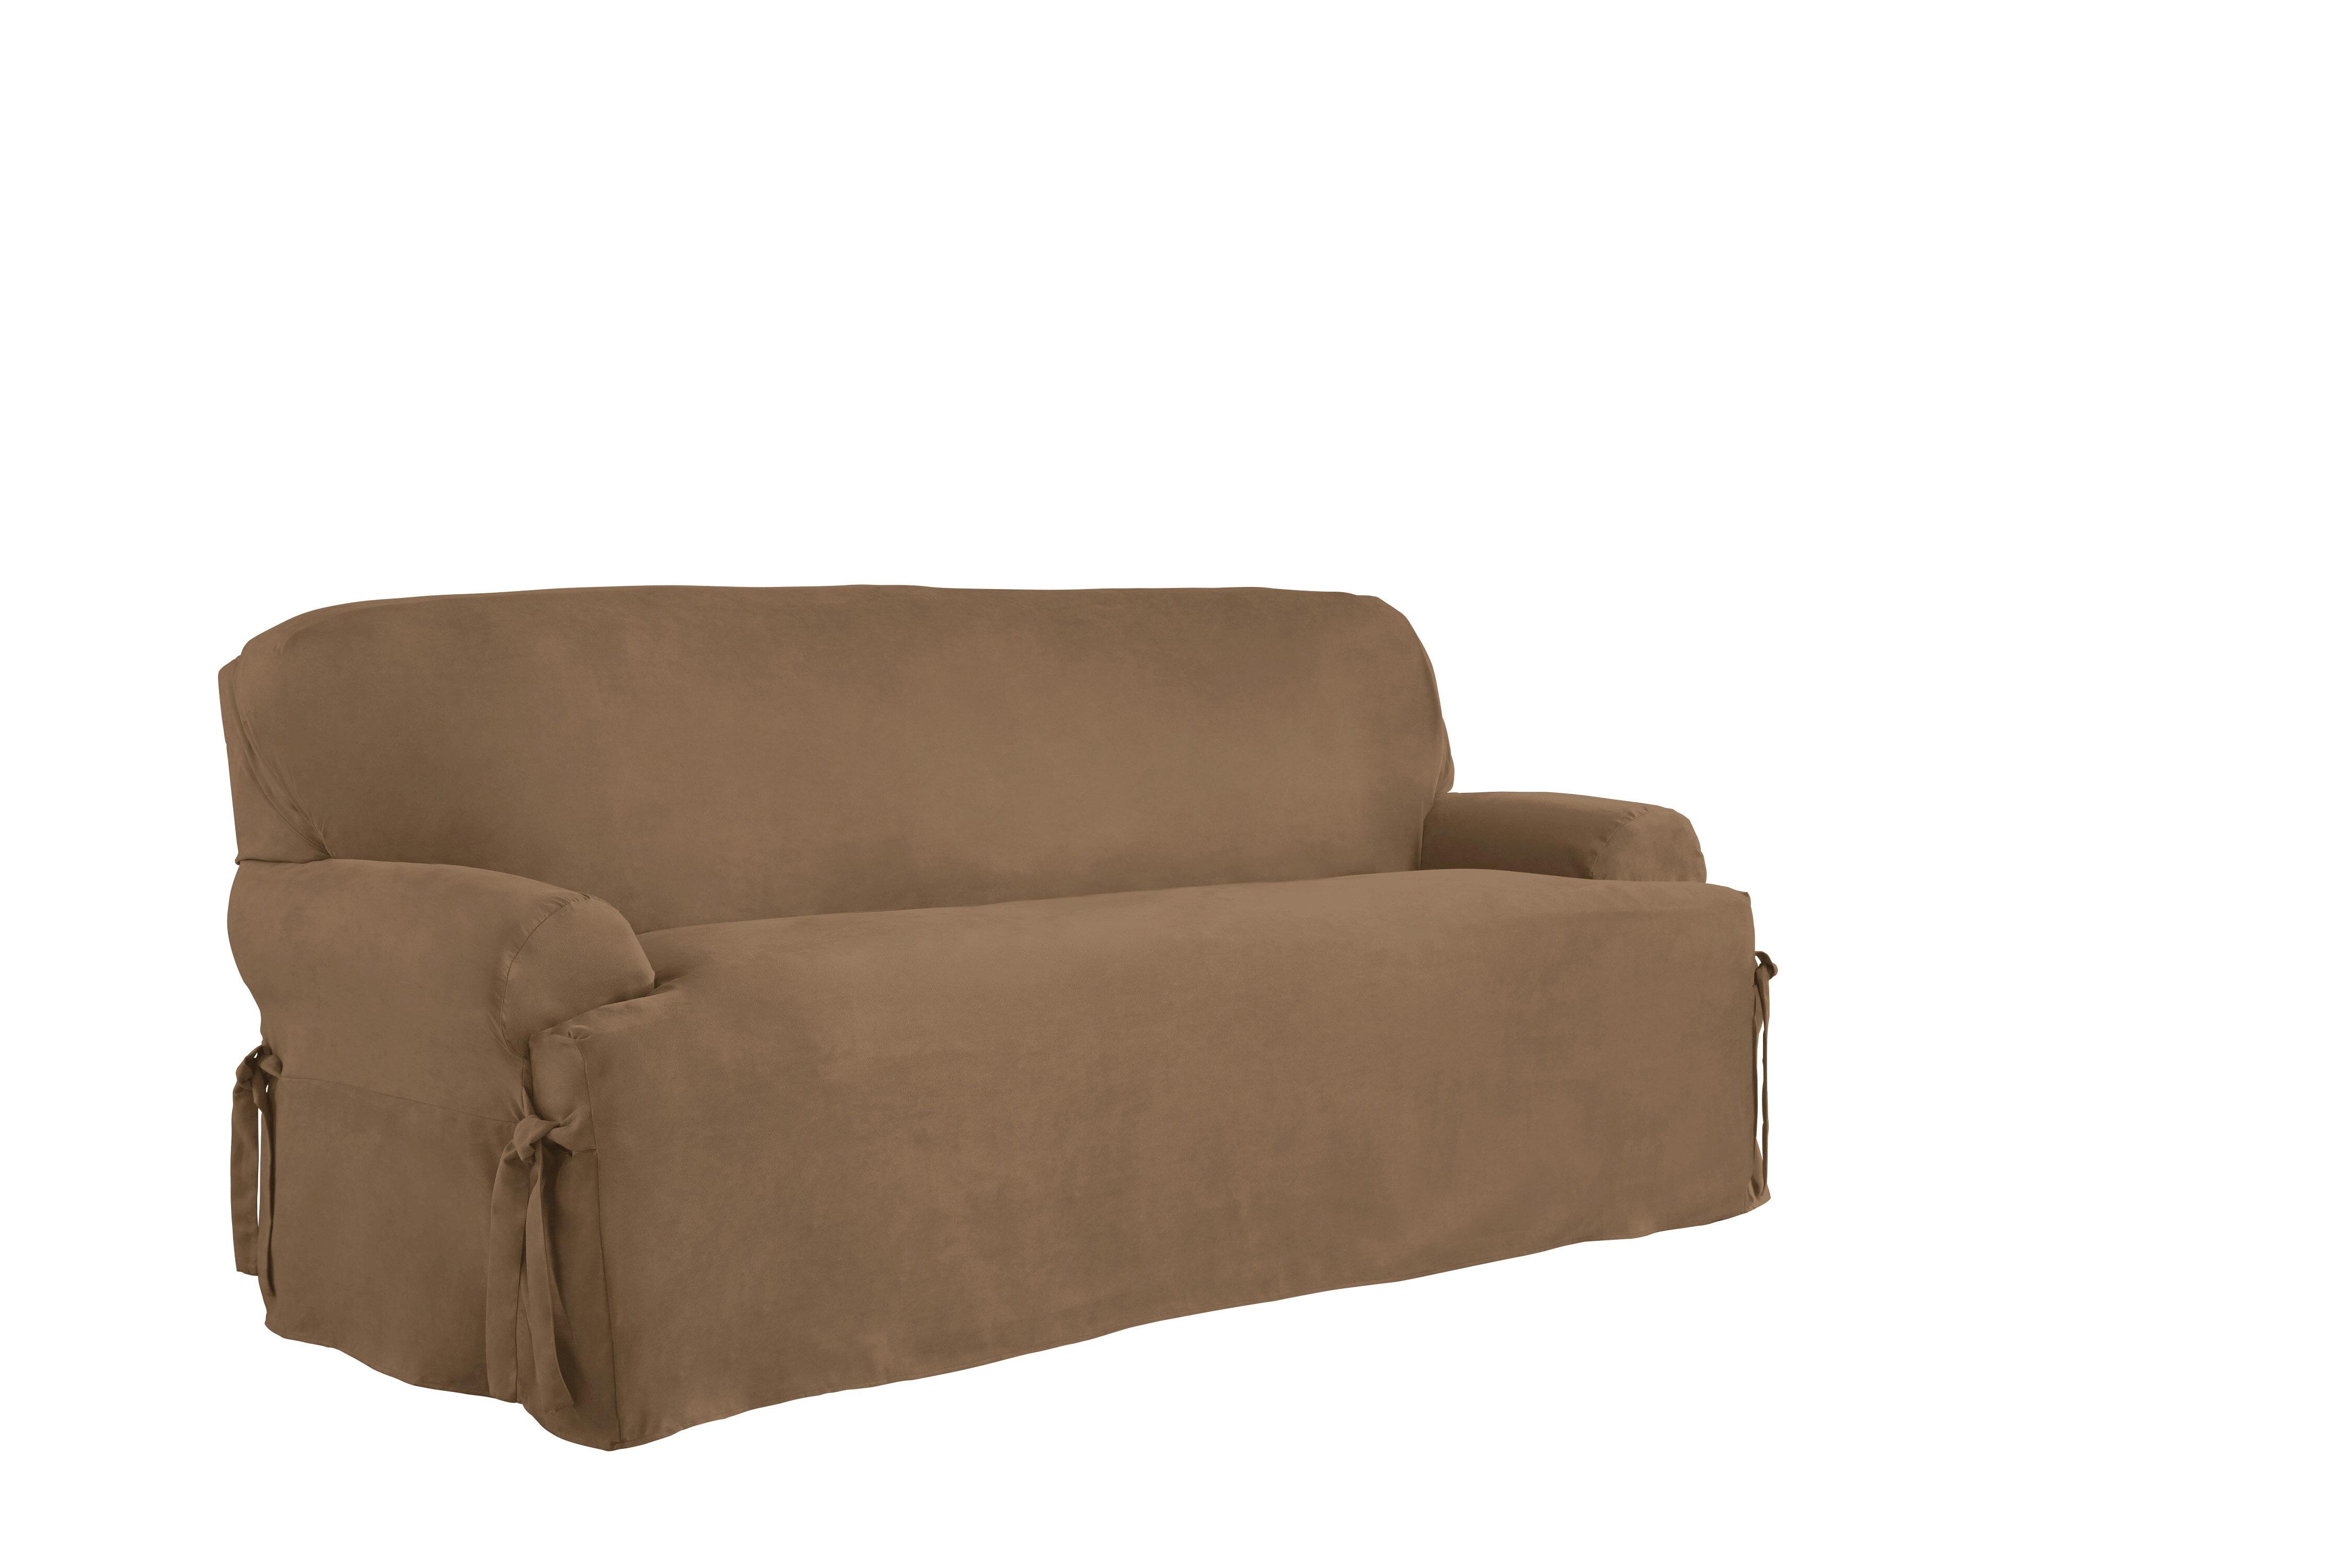 Bon Serta T Cushion Sofa Slipcover U0026 Reviews | Wayfair